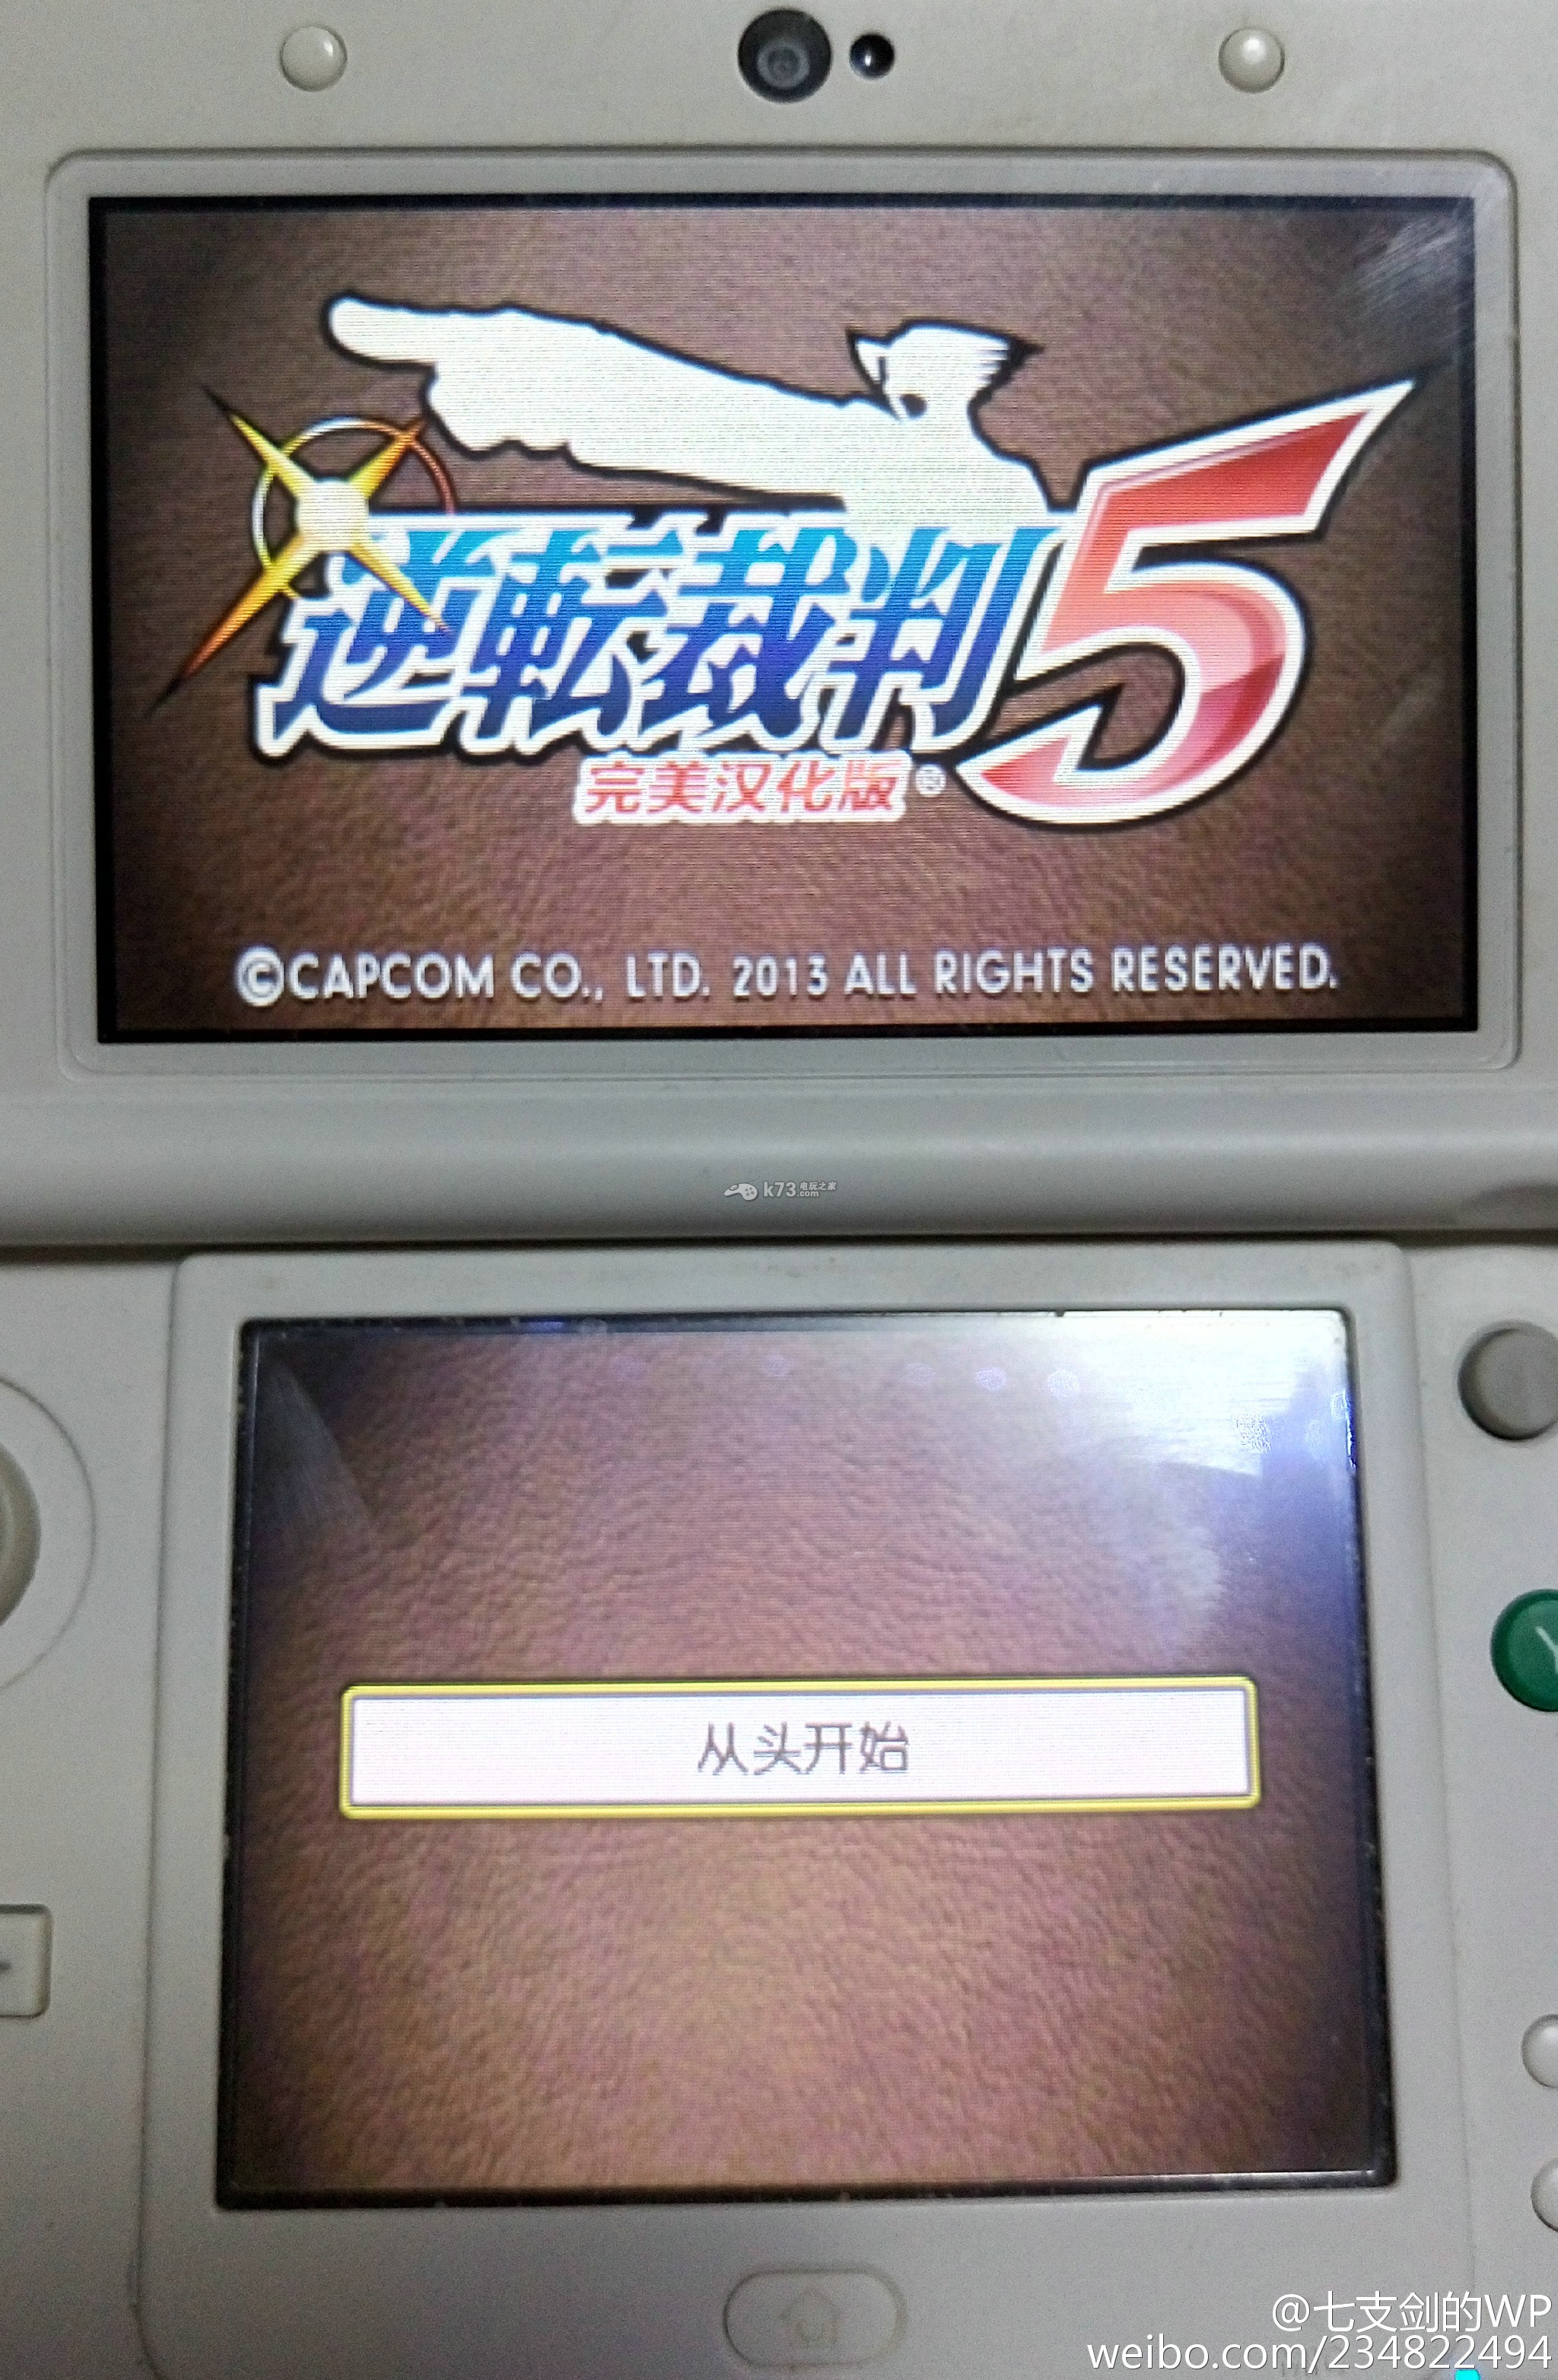 NINJHAX+HANS玩3ds正版汉化游戏图文教程【支持10.2系统】